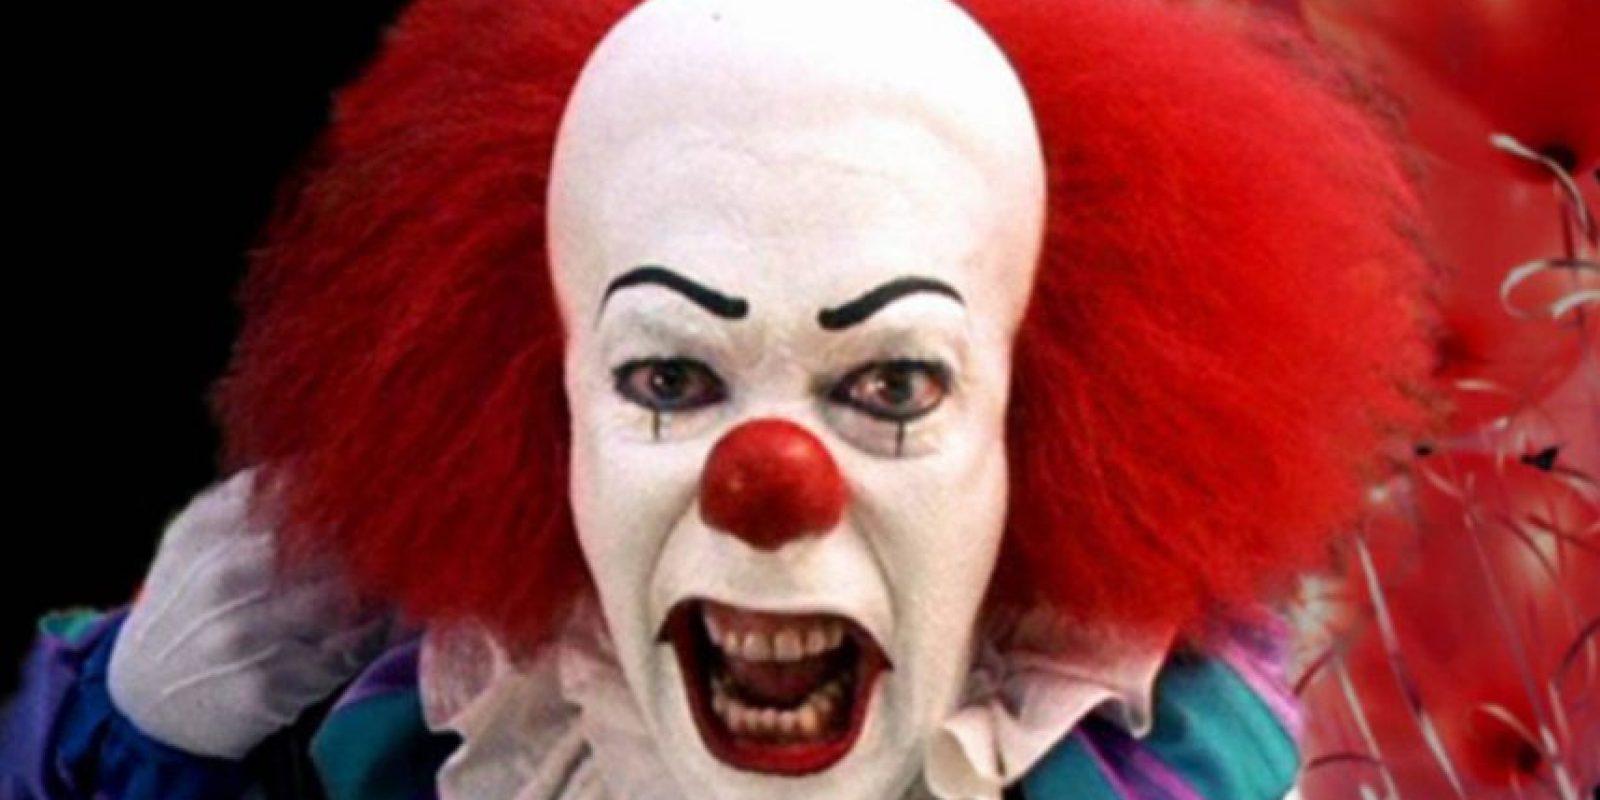 """Muchos de los que vieron """"It"""" siendo niños o jóvenes la culpan de haberles desarrollado una fobia hacia los payasos. Foto:Warner Bros. Television"""